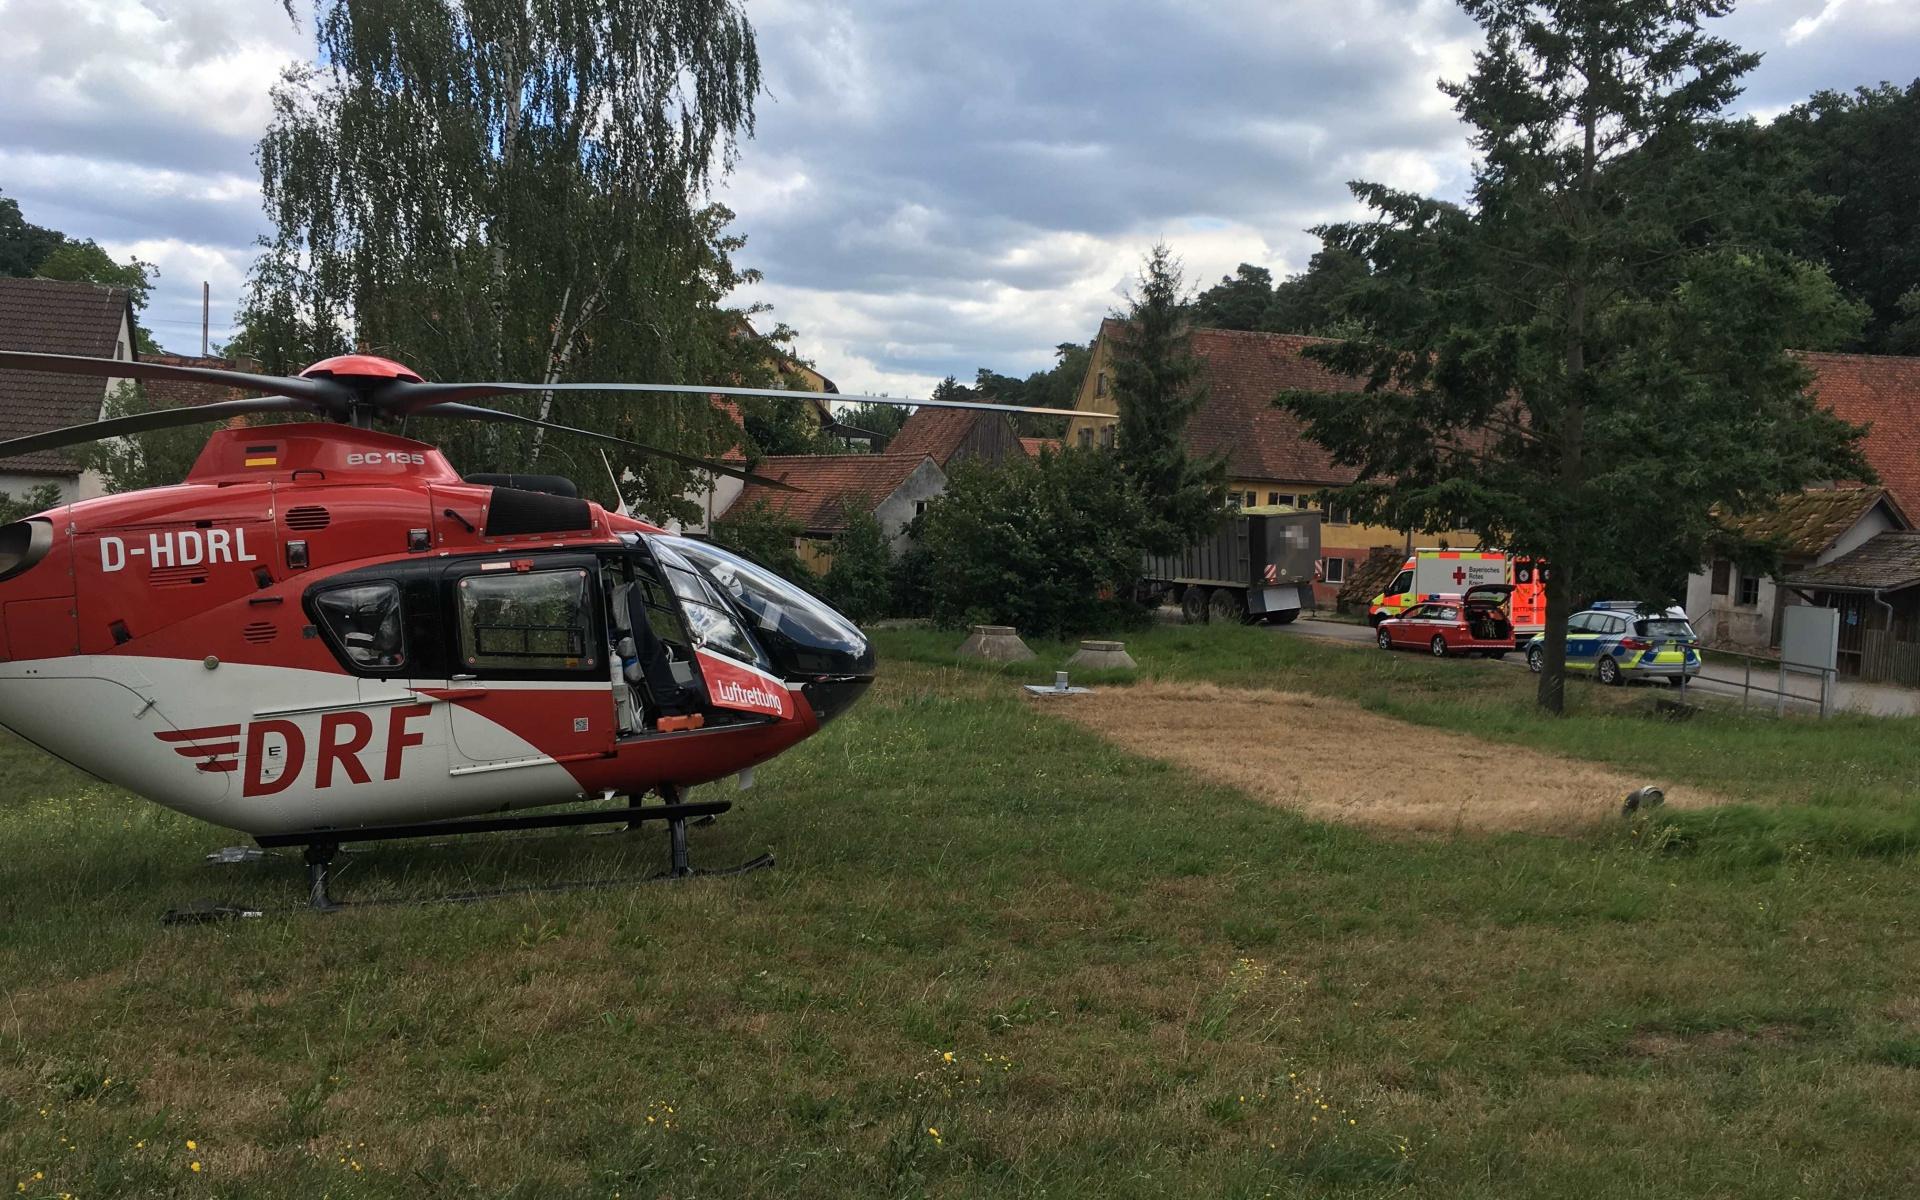 Schnelle Hilfe von der DRF Luftrettung erhielt vor Kurzem ein Radfahrer, der bei dem Versuch, einem Traktor auszuweichen, gestürzt war.